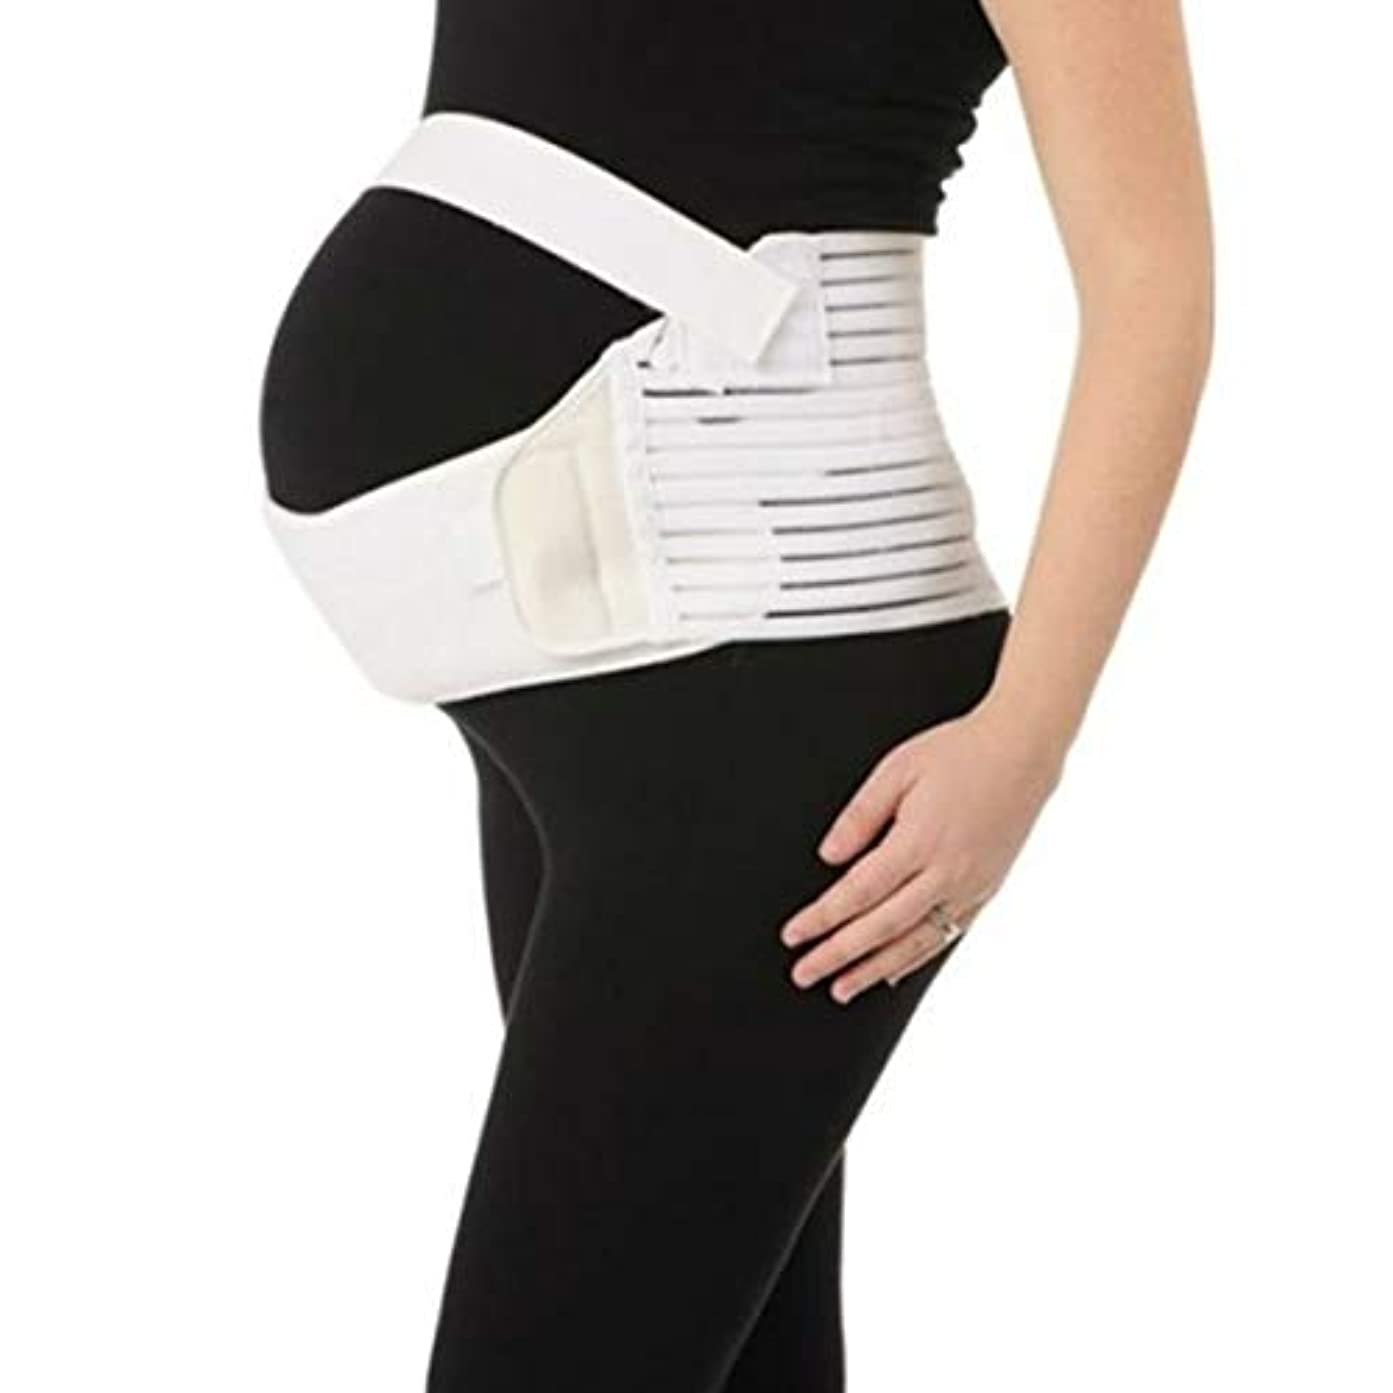 統合討論悪質な通気性マタニティベルト妊娠腹部サポート腹部バインダーガードル運動包帯産後の回復shapewear - ホワイトL